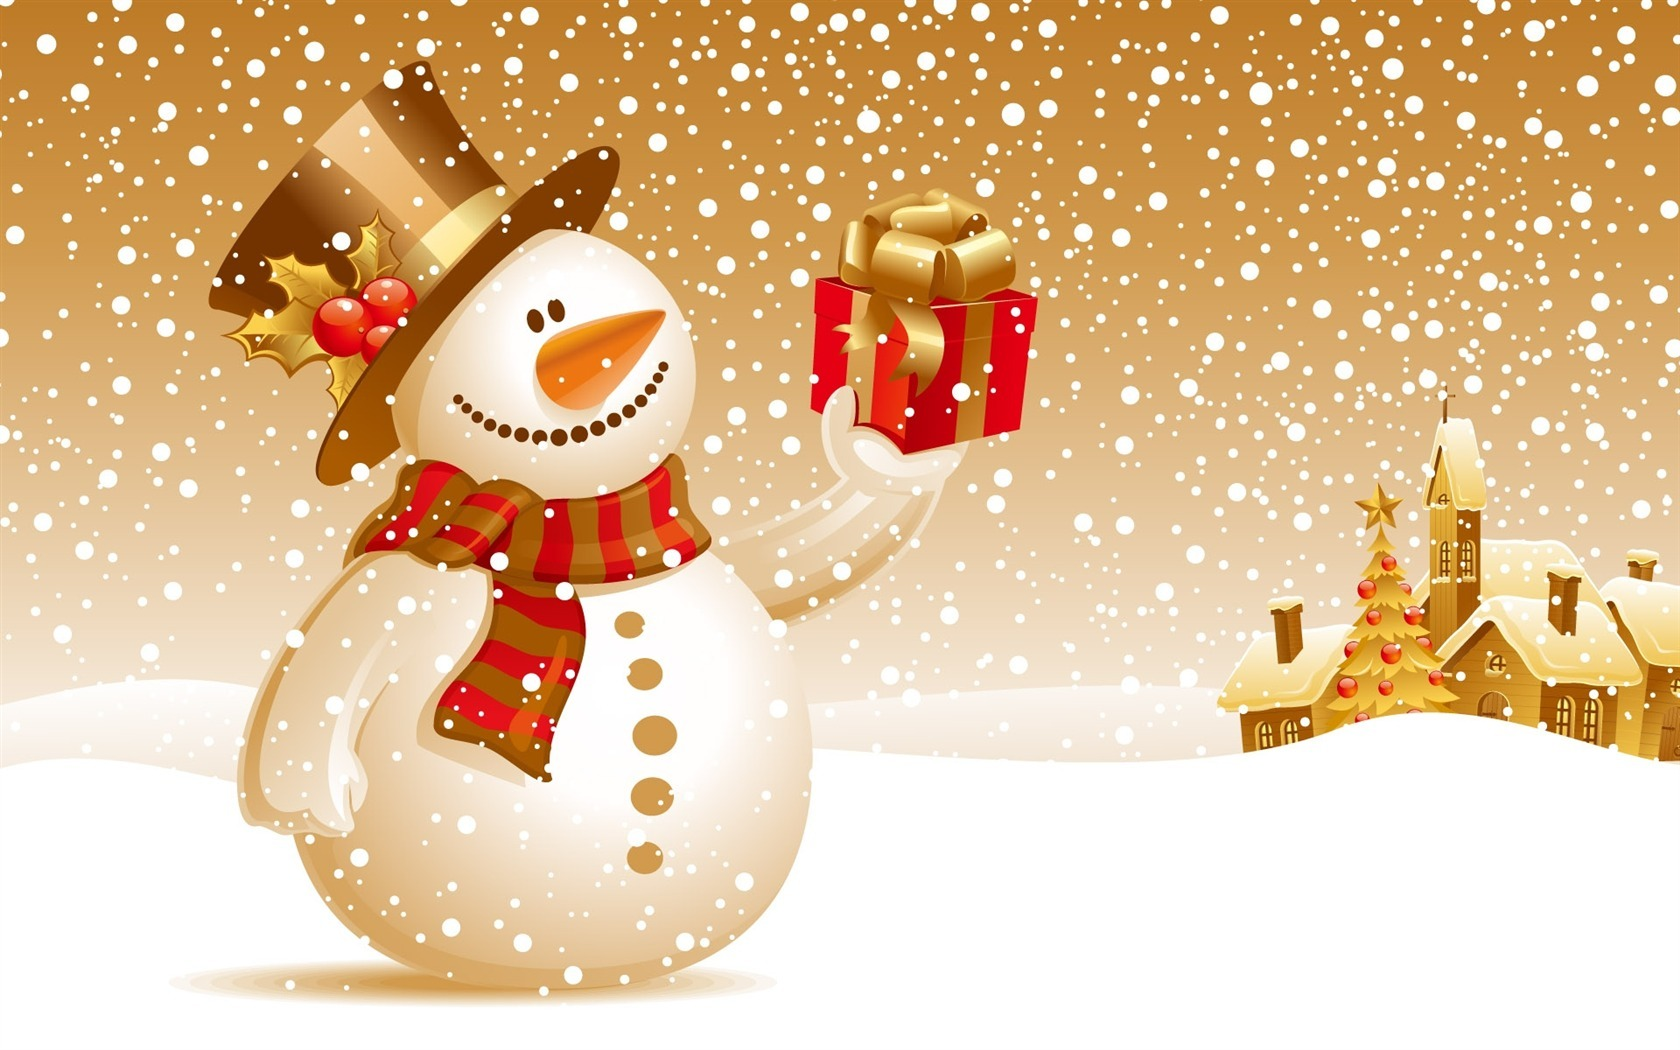 Wünsche Euch Besinnliche Weihnachten.Ich Wünsche Euch Allen Eine Besinnliche Weihnachtszeit Myftb